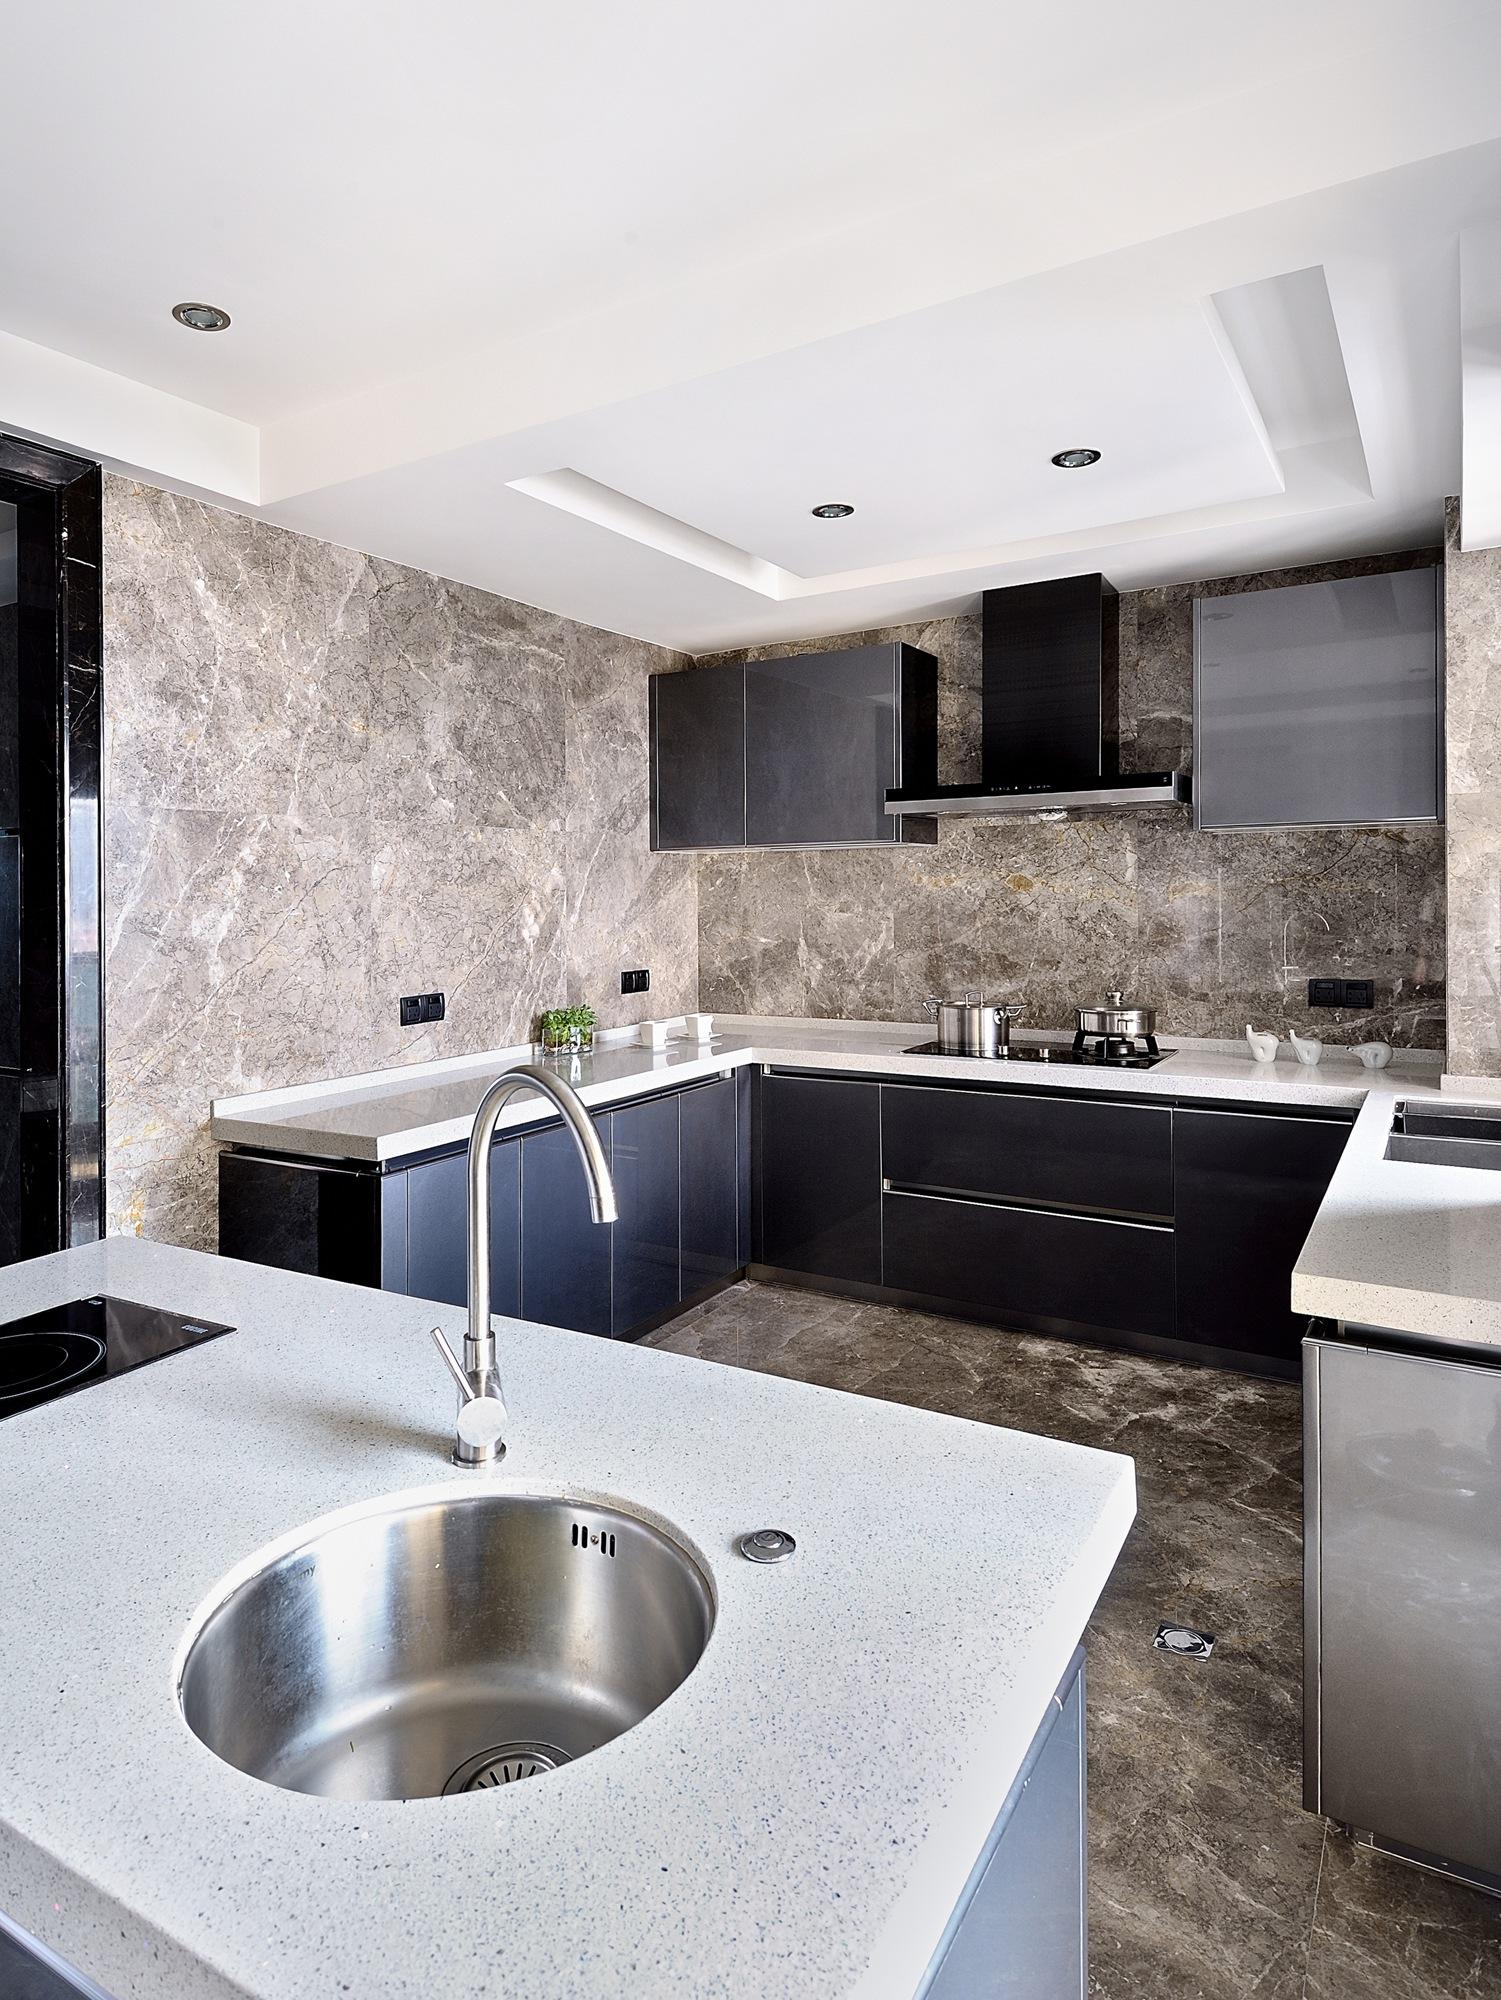 现代简约黑白灰厨房装修效果图